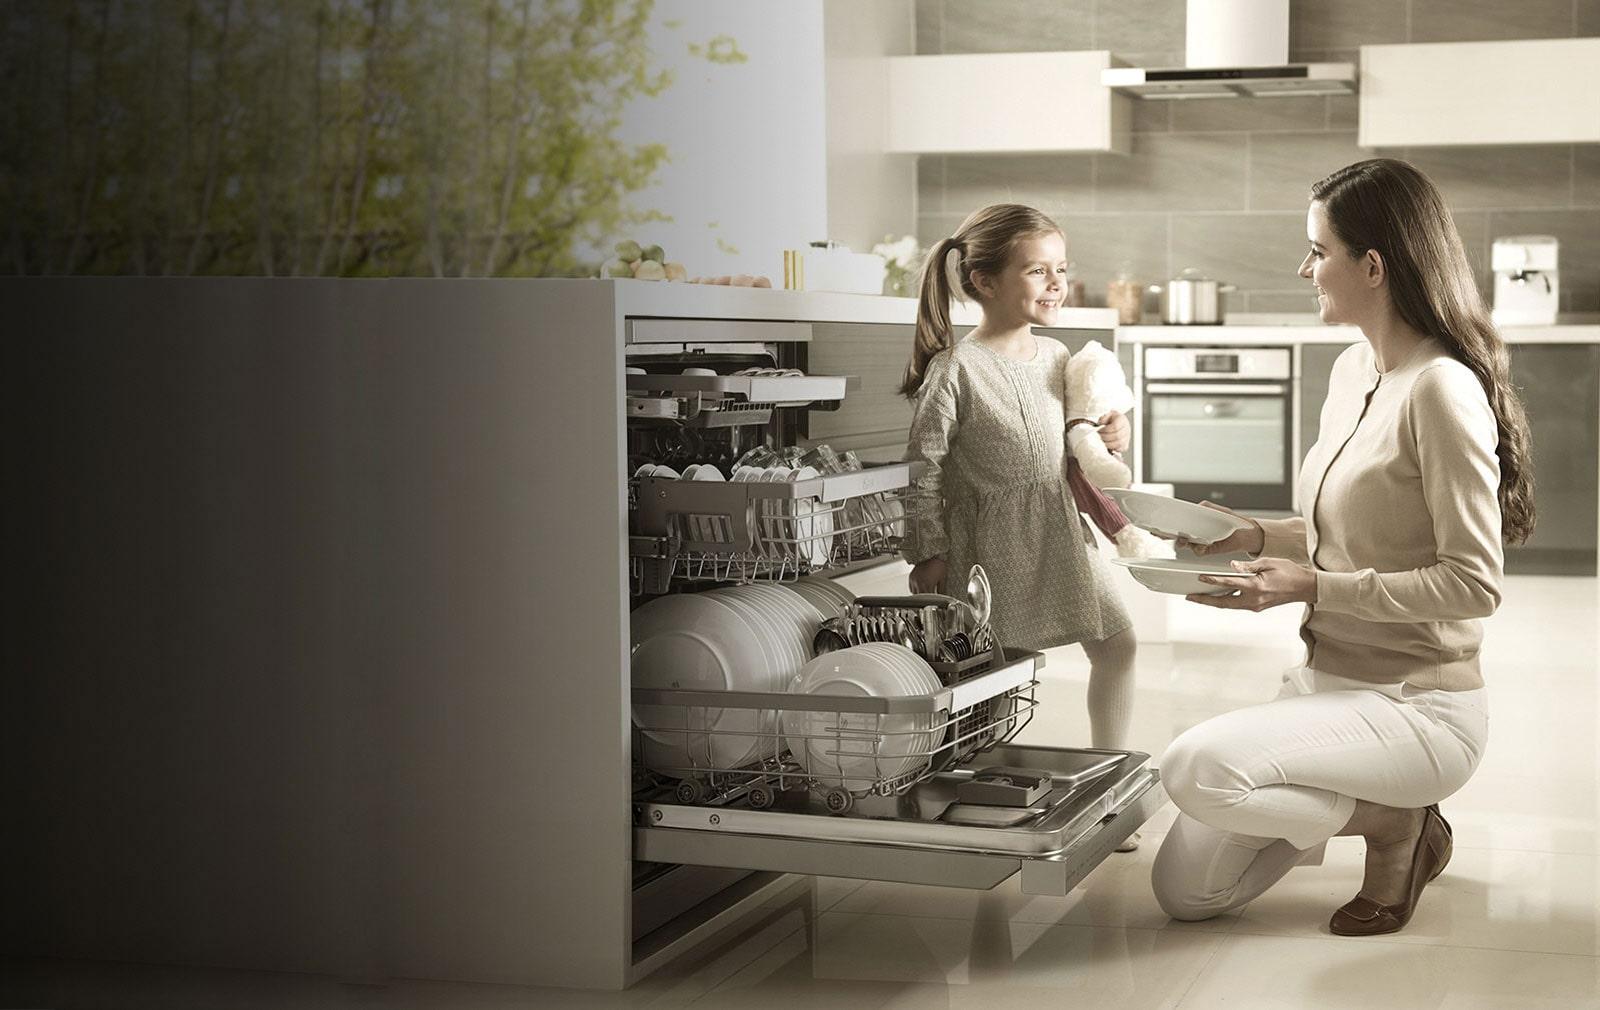 طراحی مدرن<br>نمای آشپزخانه خود را ارتقا دهید<br>3